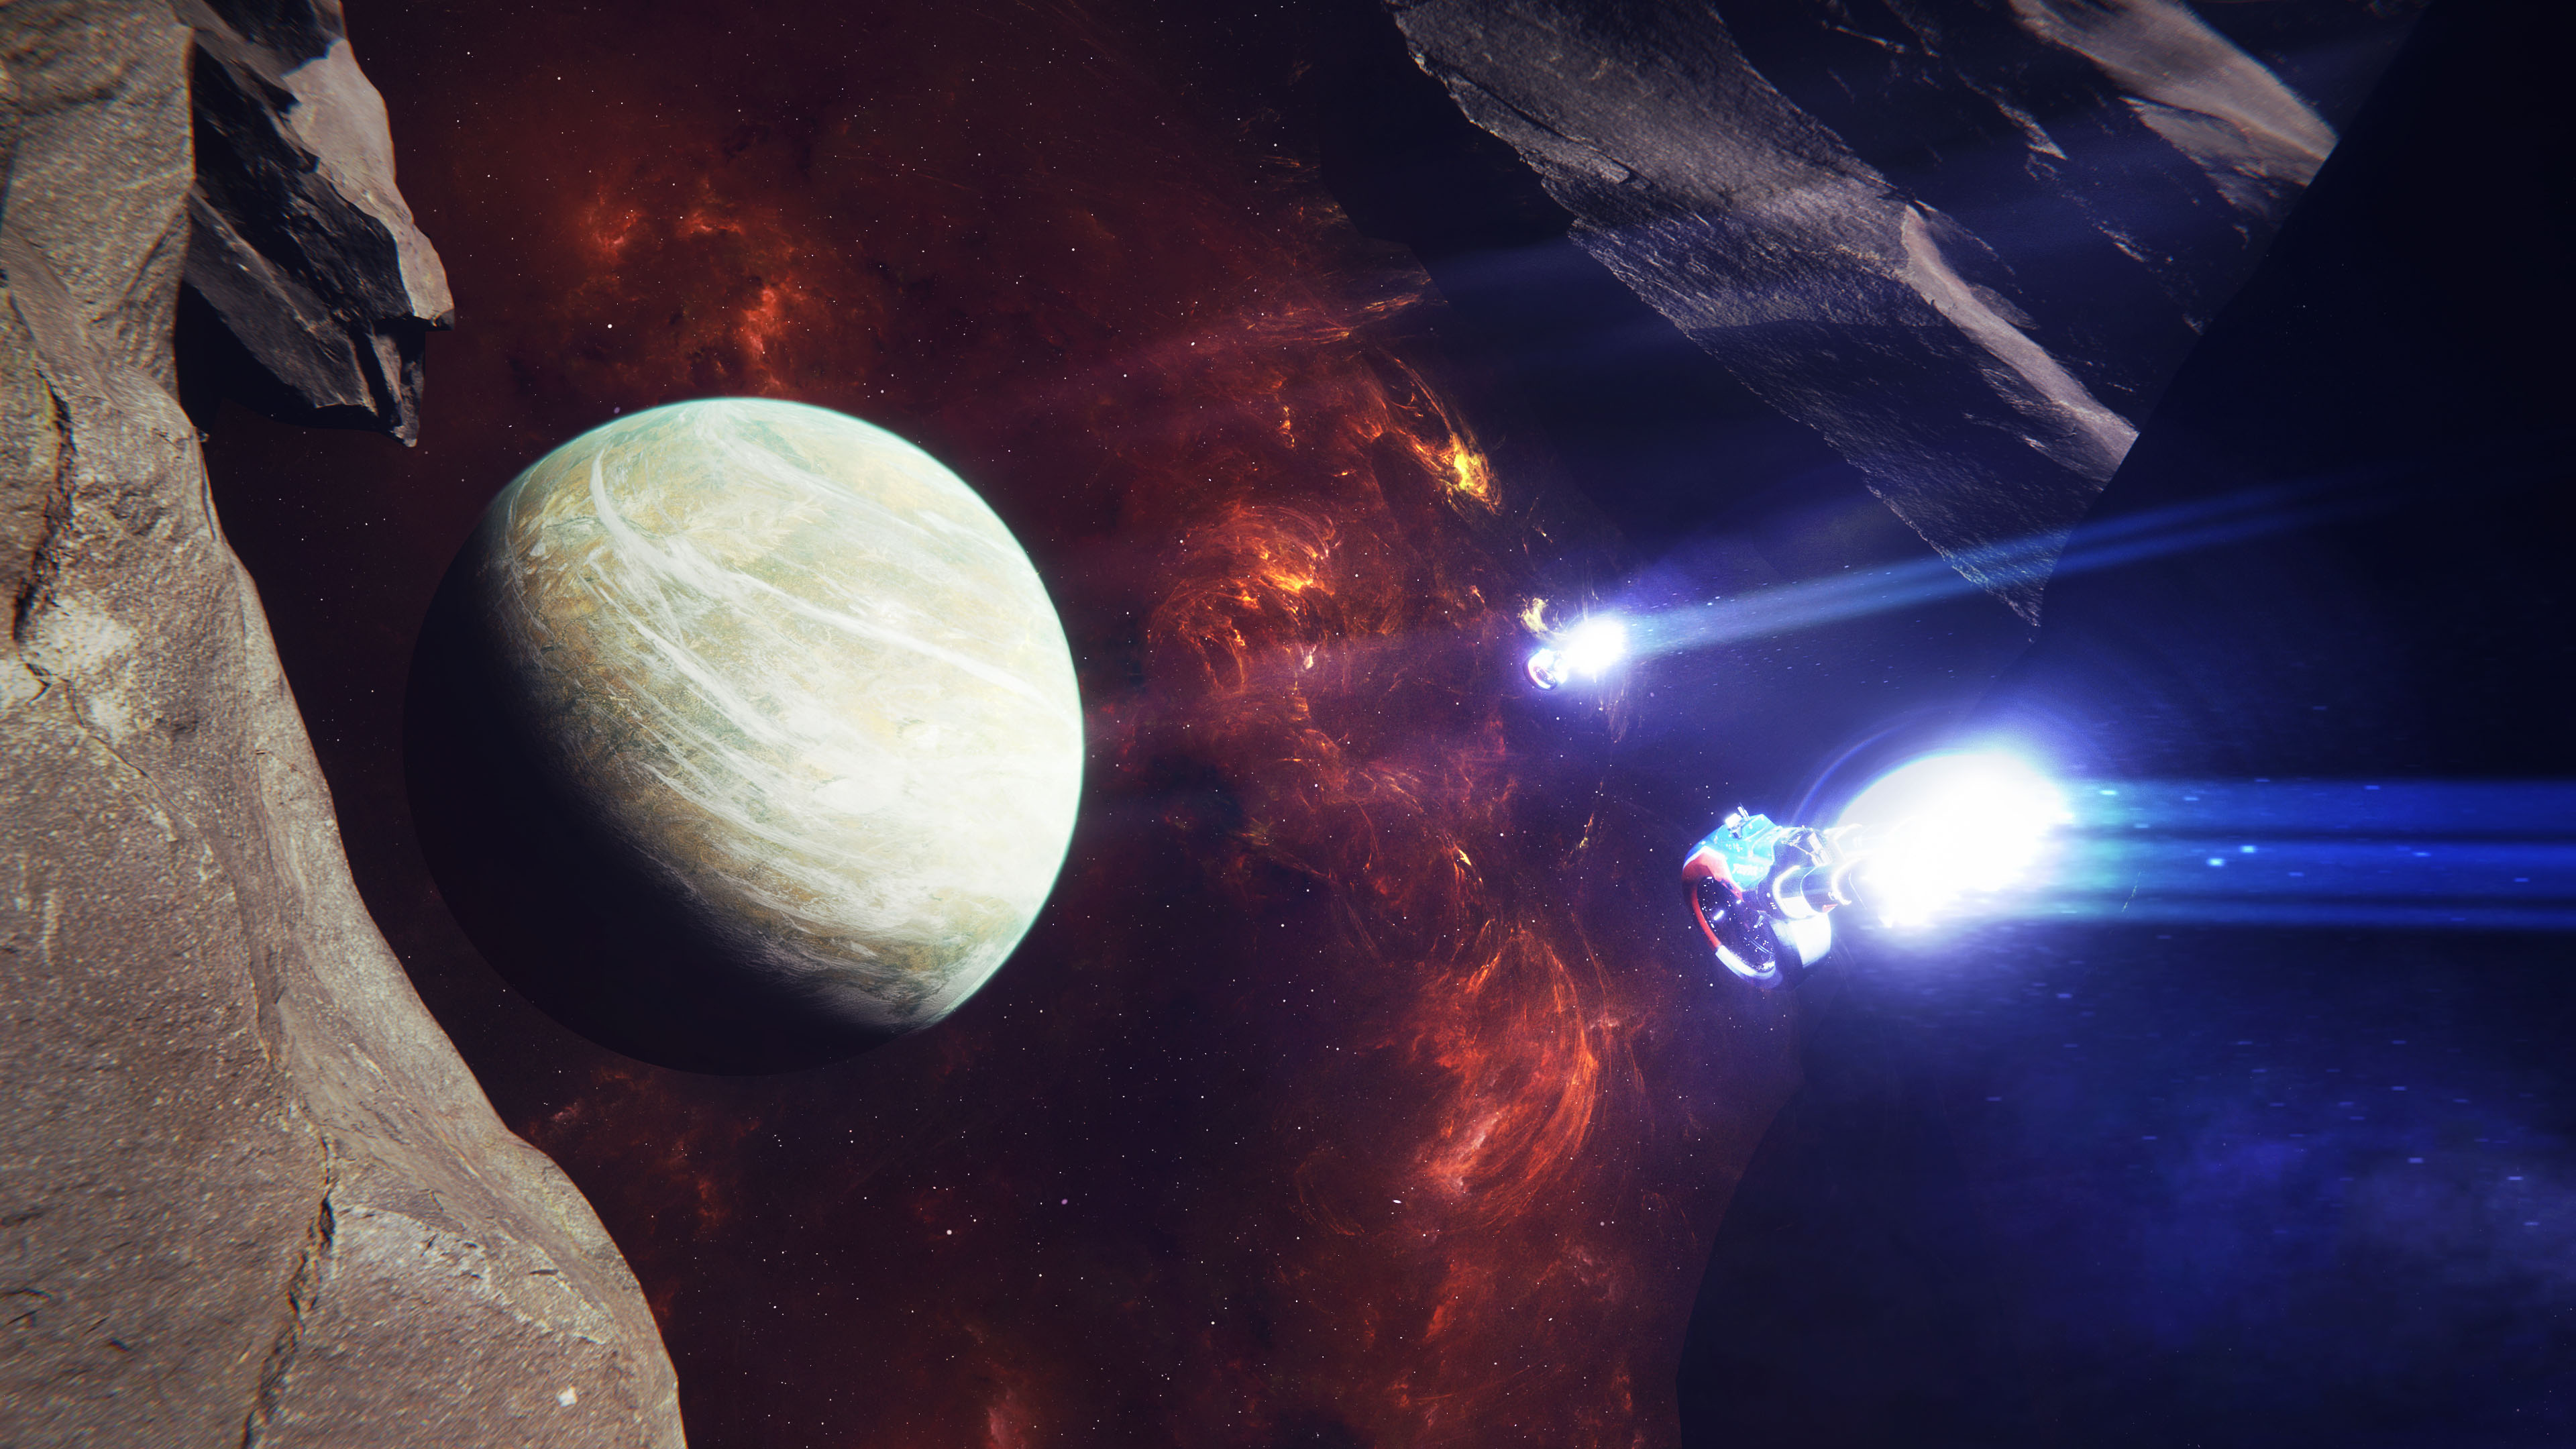 游戏壁纸,主机游戏,宇宙飞船,黑洞,星球